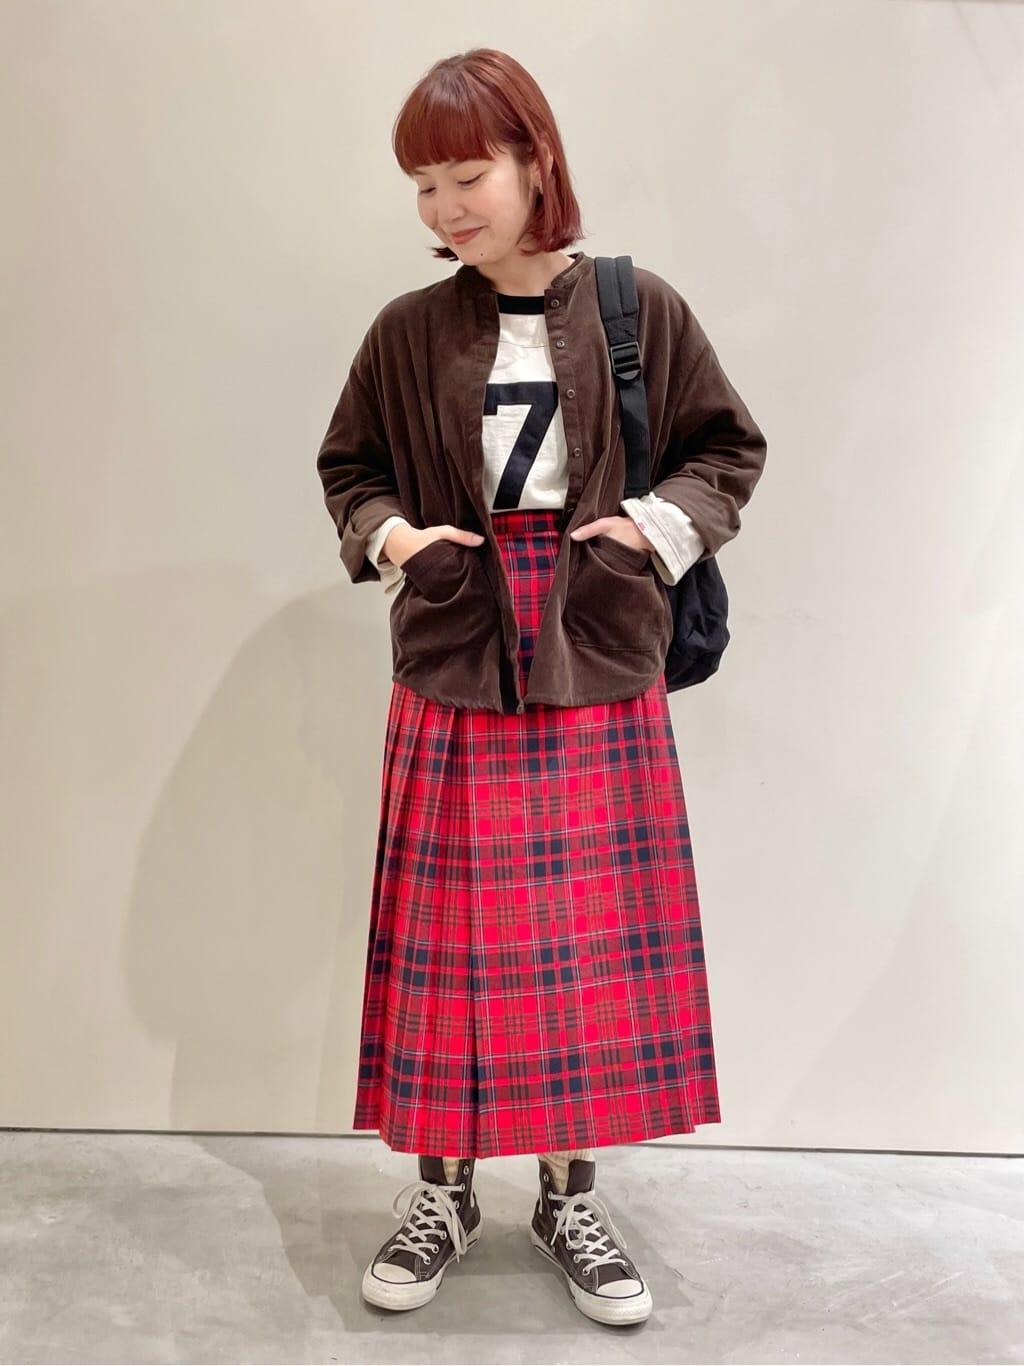 CHILD WOMAN , PAR ICI 新宿ミロード 2021.10.08